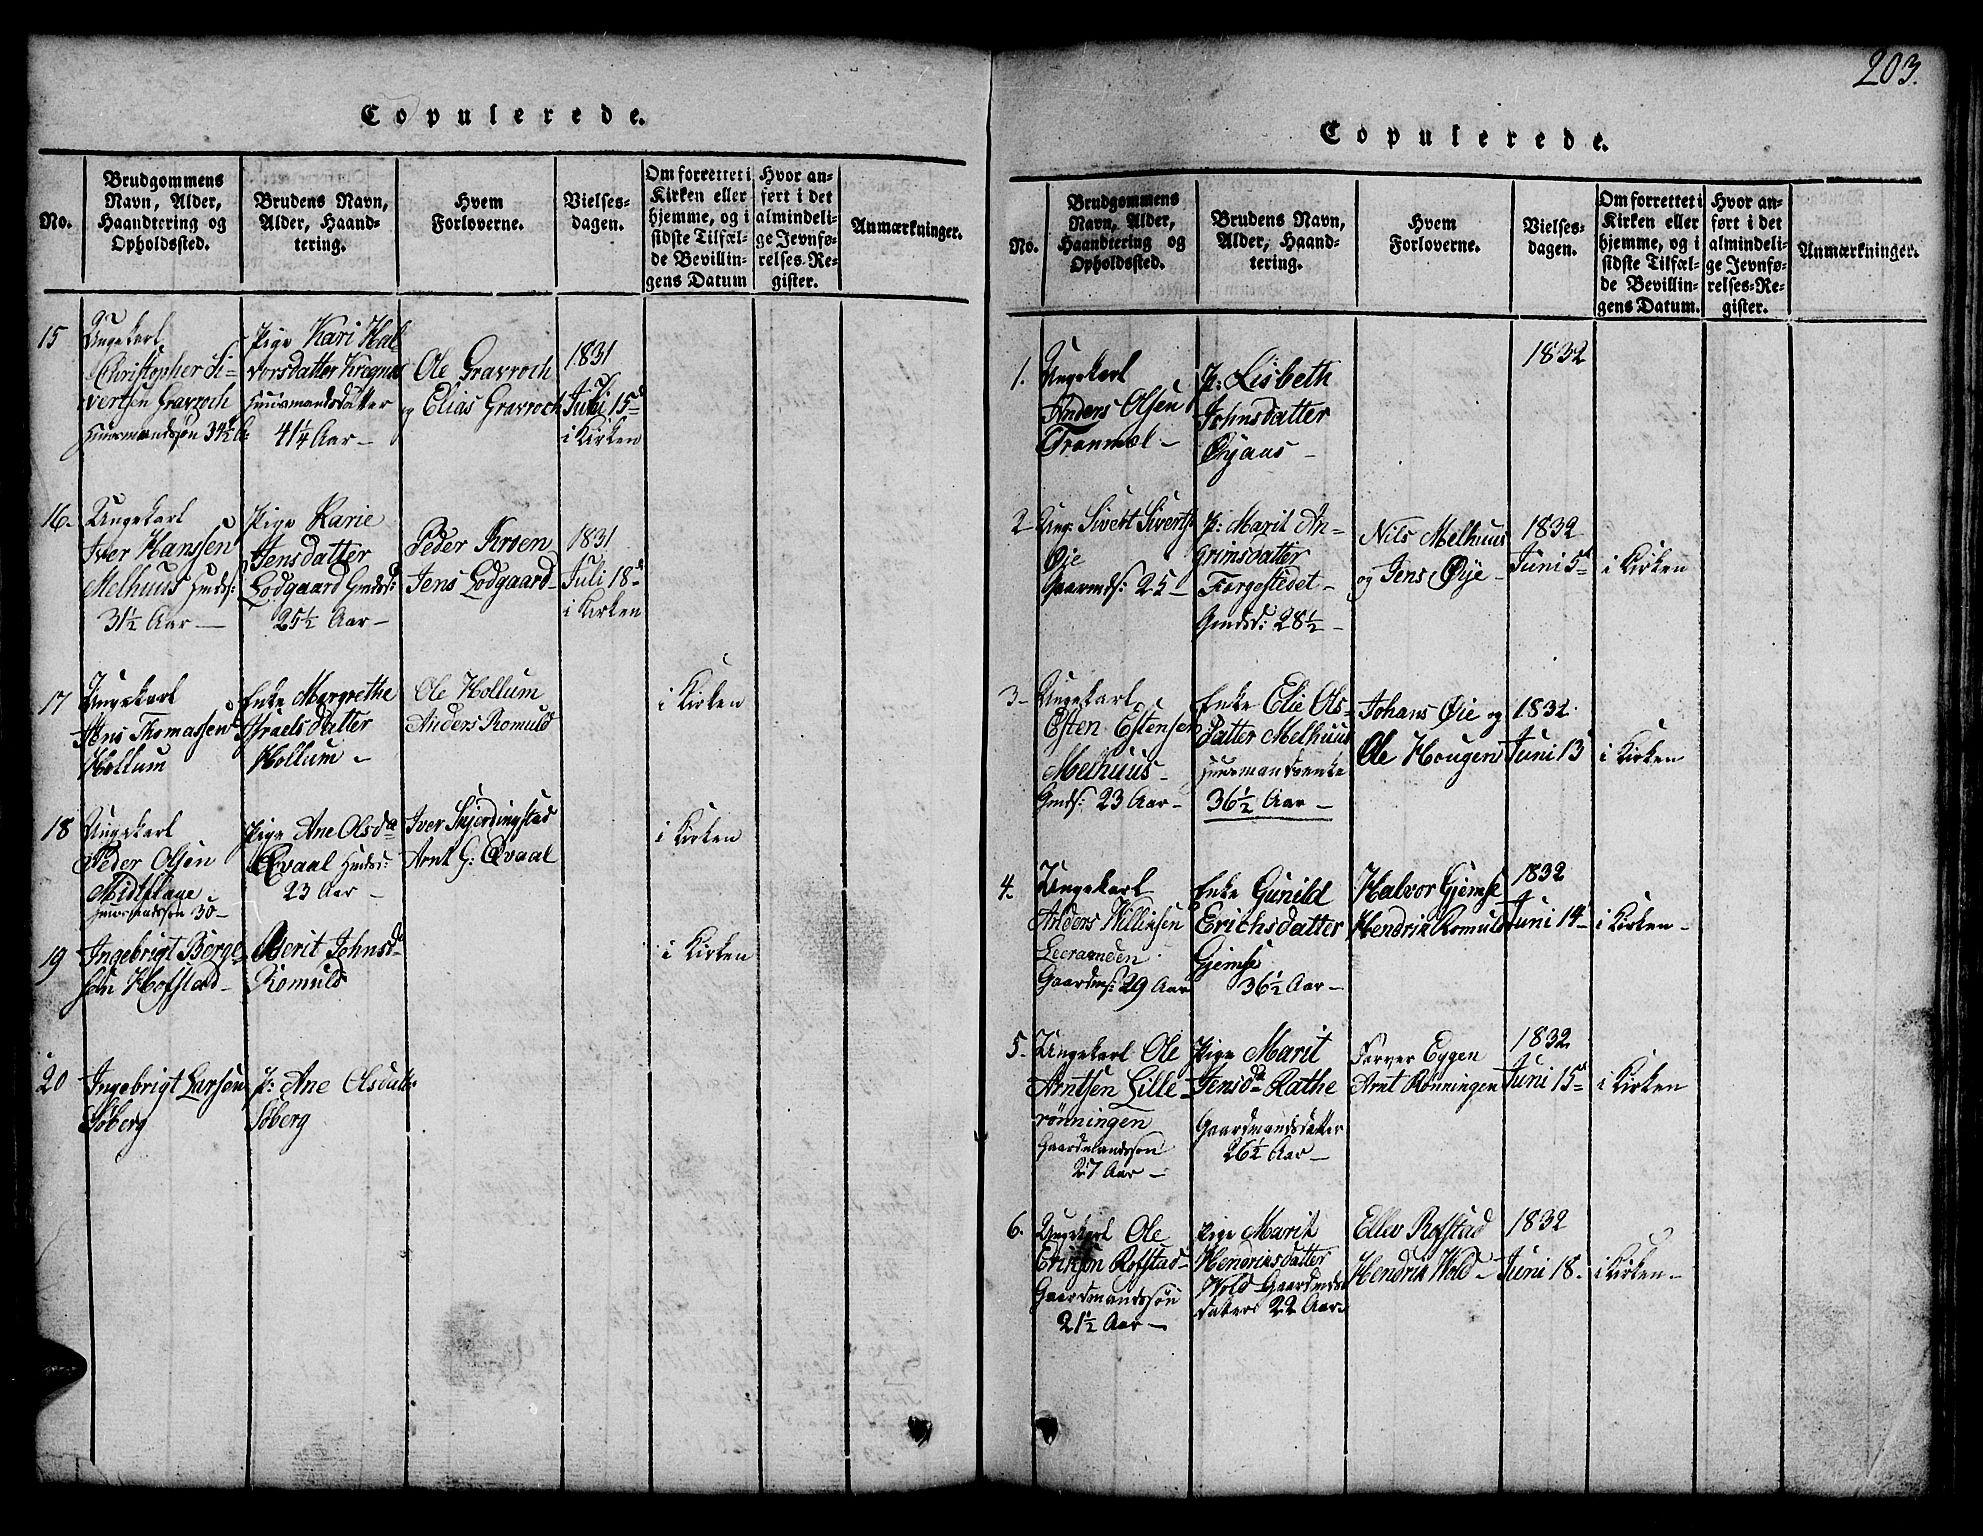 SAT, Ministerialprotokoller, klokkerbøker og fødselsregistre - Sør-Trøndelag, 691/L1092: Klokkerbok nr. 691C03, 1816-1852, s. 203